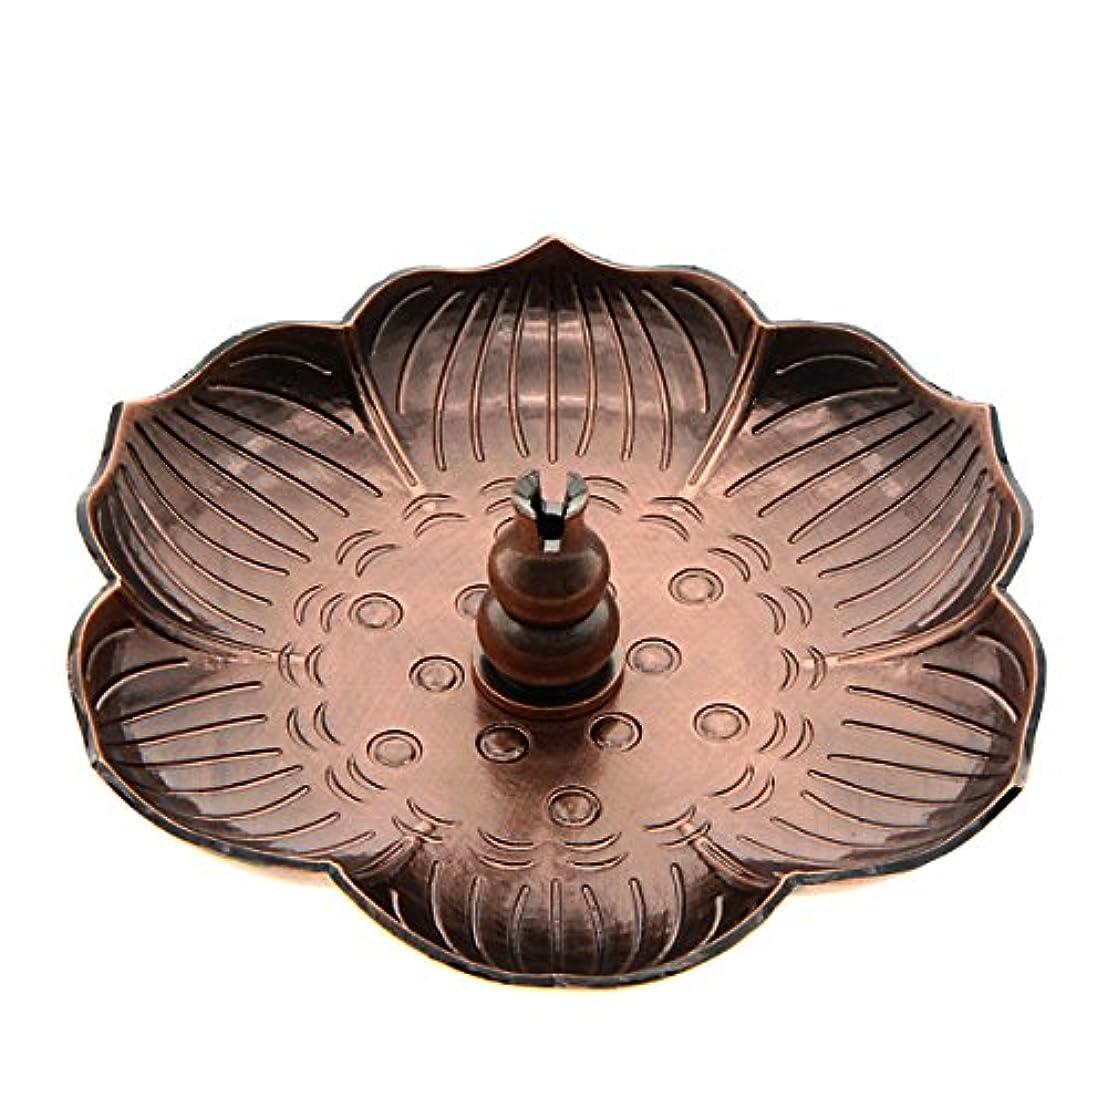 識別する組み立てる耐えられるSaim Zen Buddhist Incense Burner、コーンお香ホルダー、Gourdタイプ 2